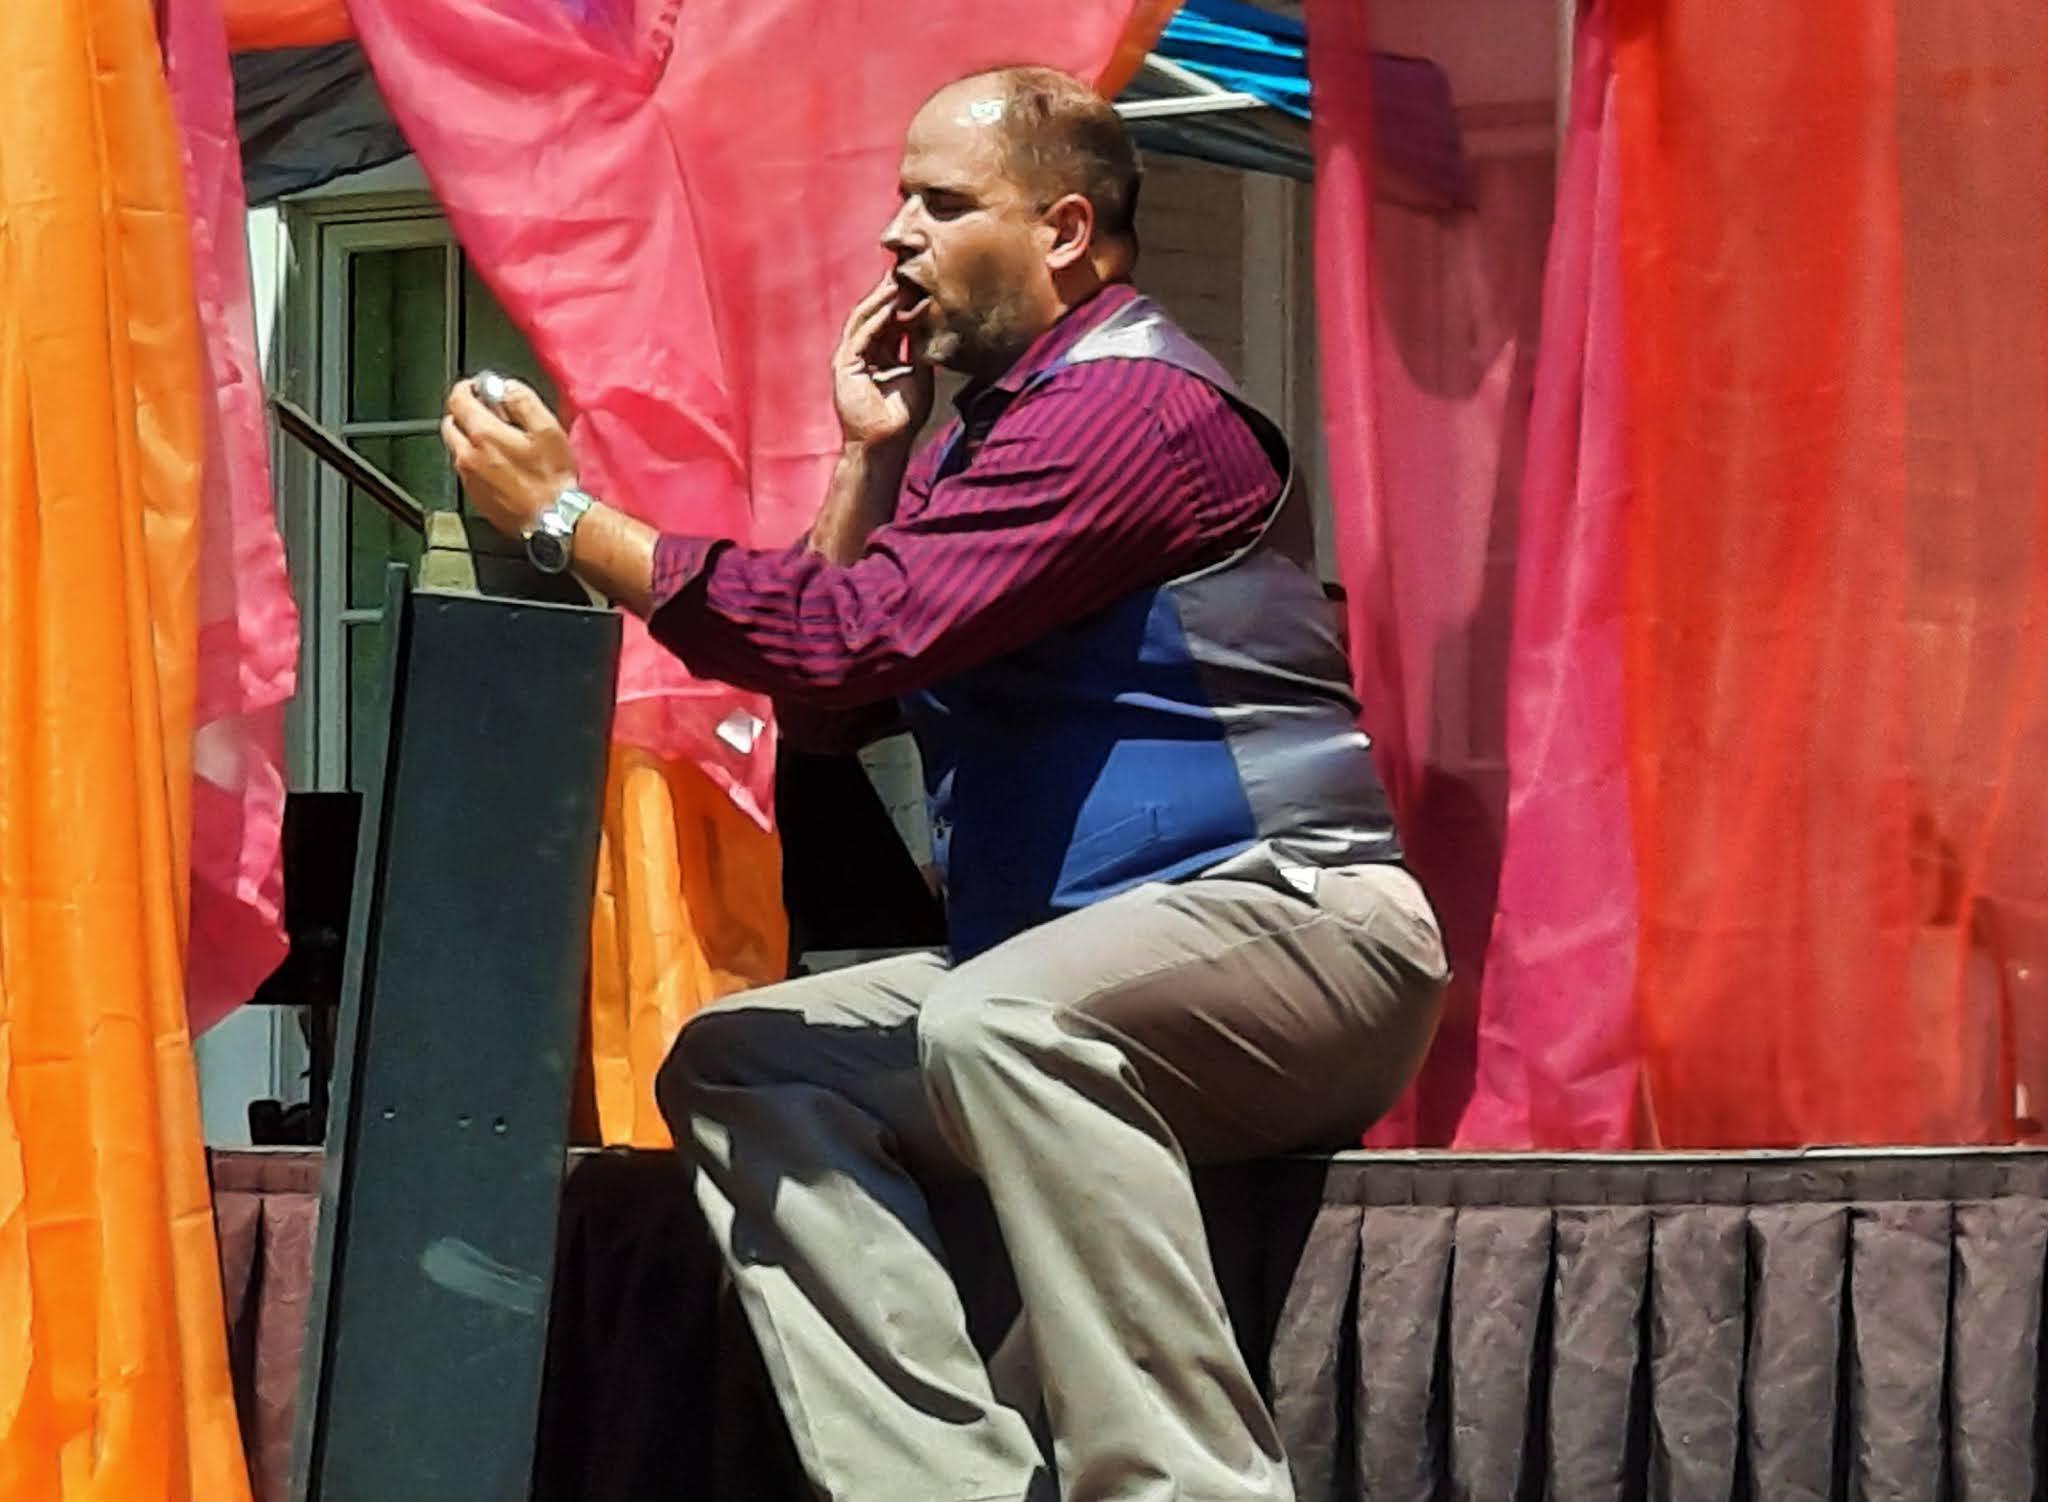 IN REVIEW: tenor MATTHEW VICKERS as Canio in Opera in Williamsburg's production of Ruggero Leoncavallo's PAGLIACCI, 6 June 2021 [Photograph © by Joseph Newsome]